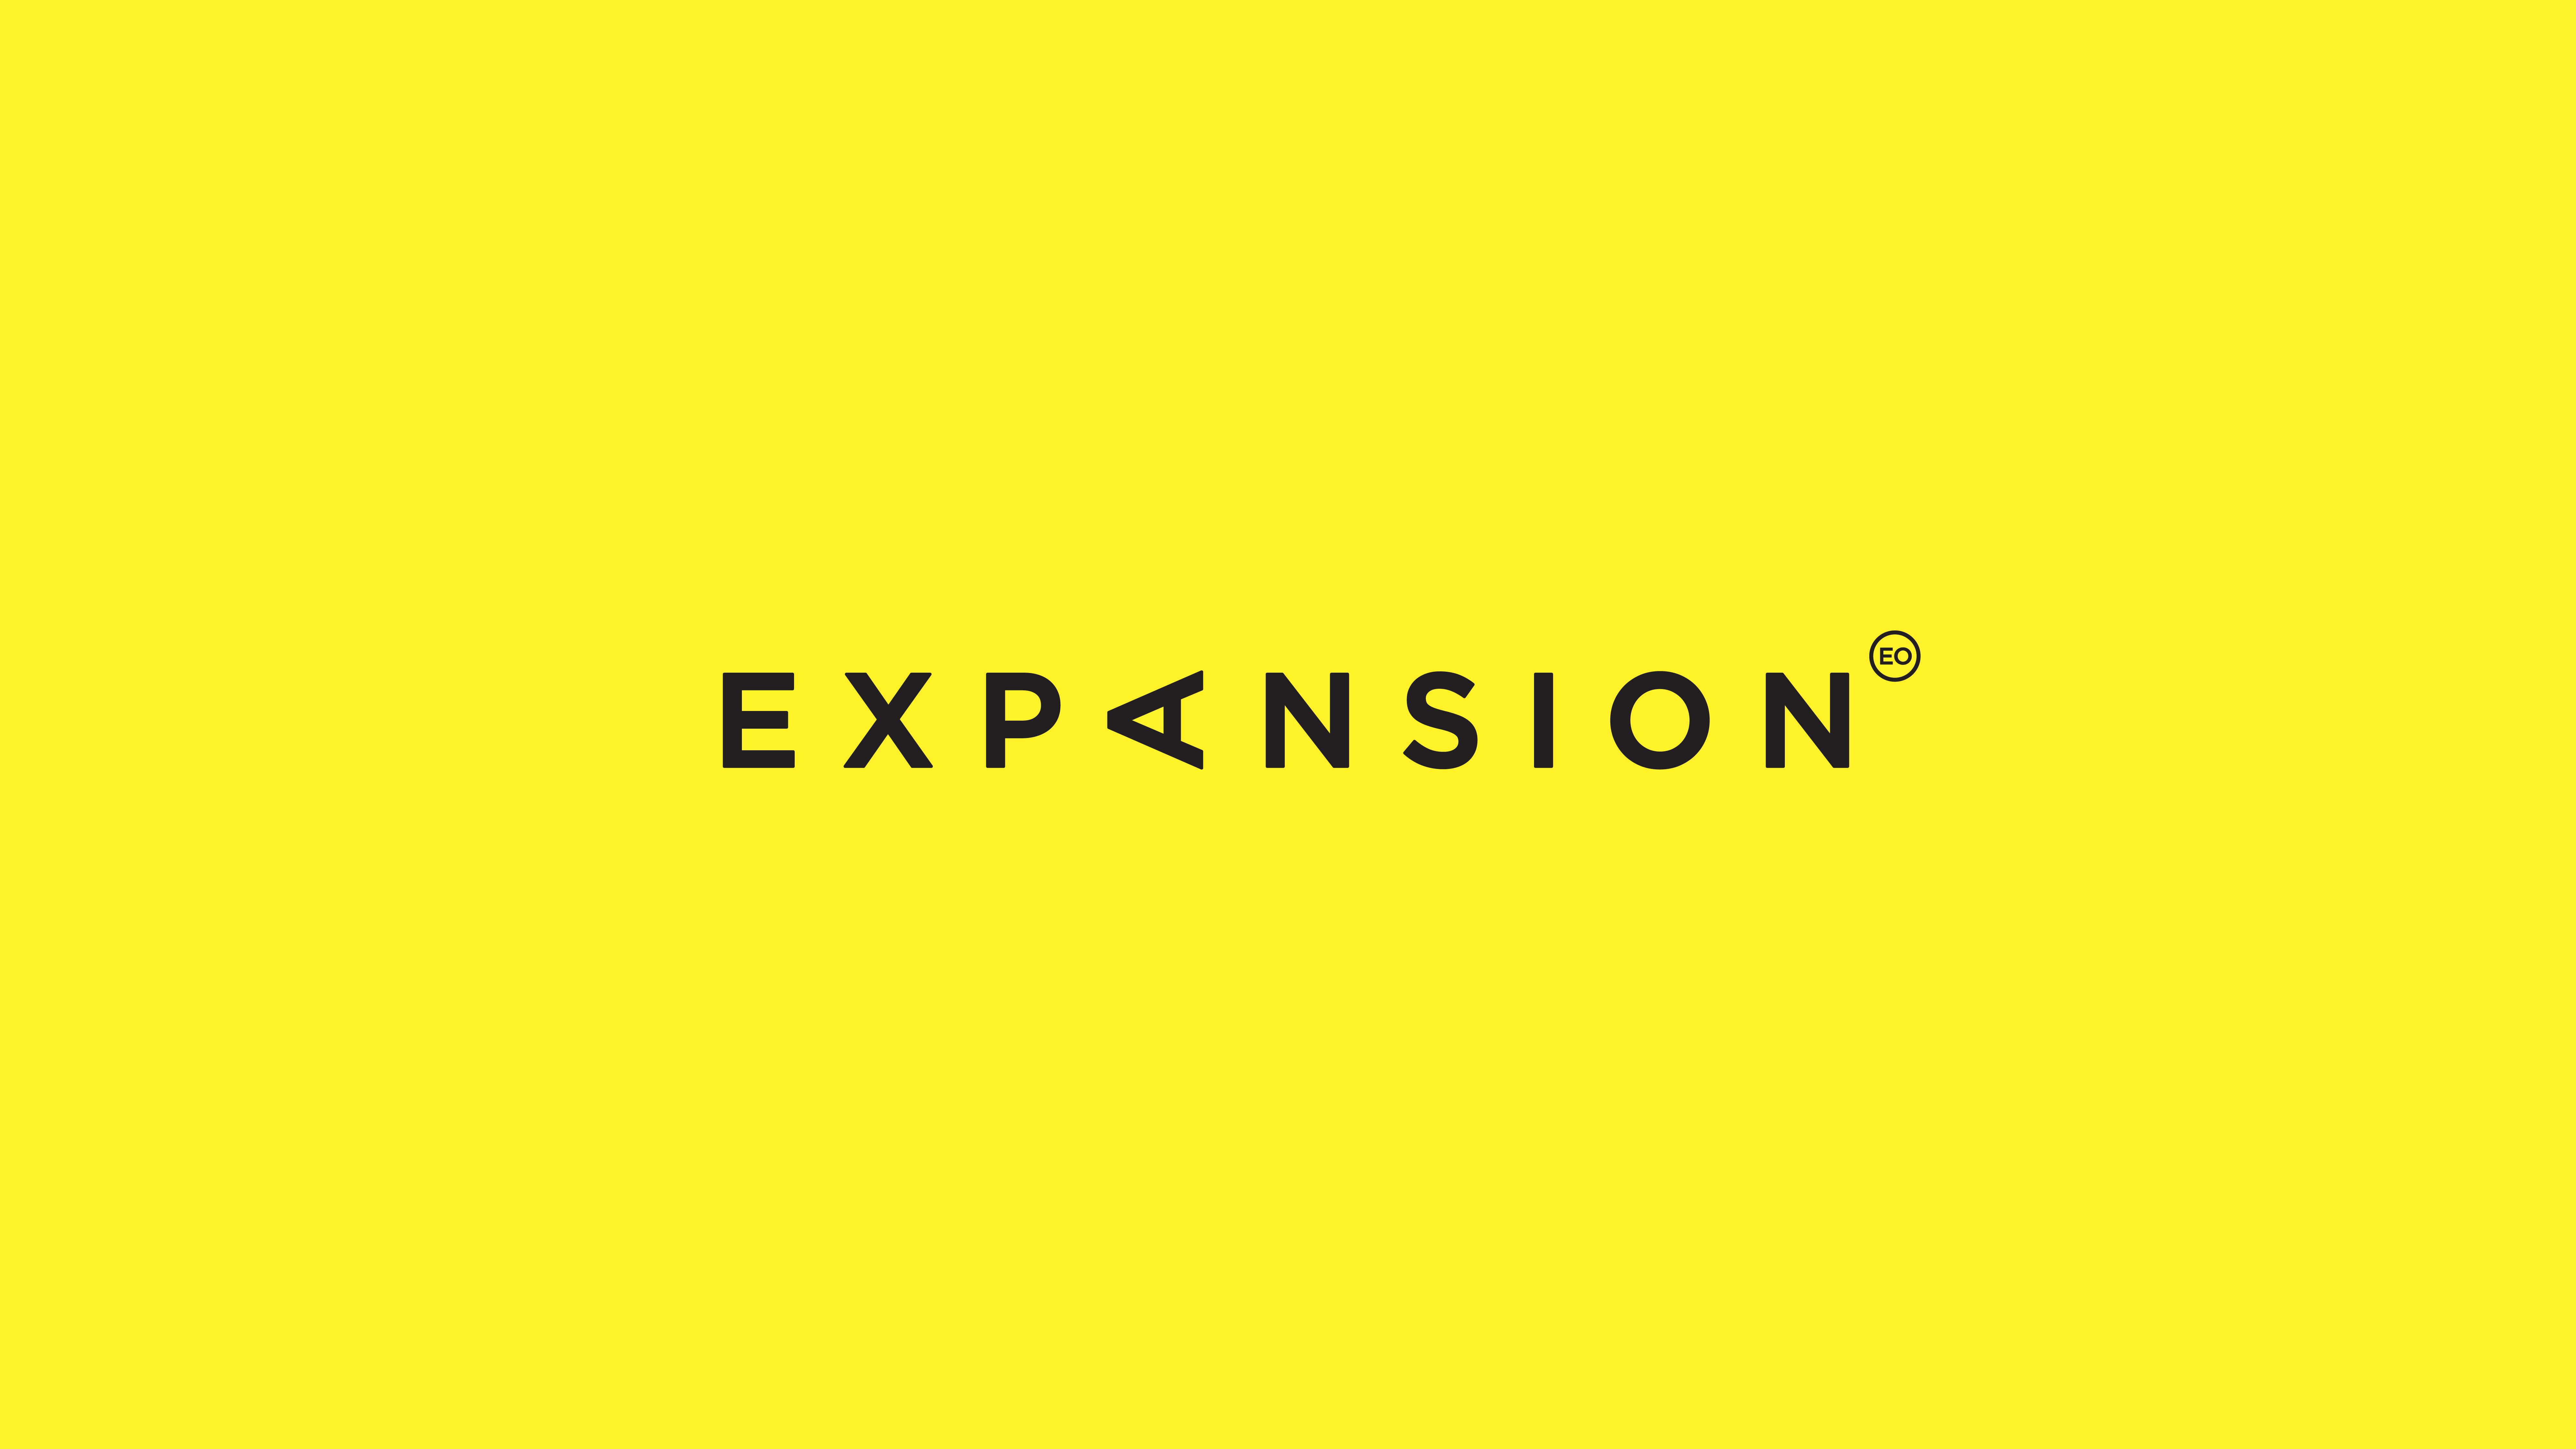 Expansion — Part 2